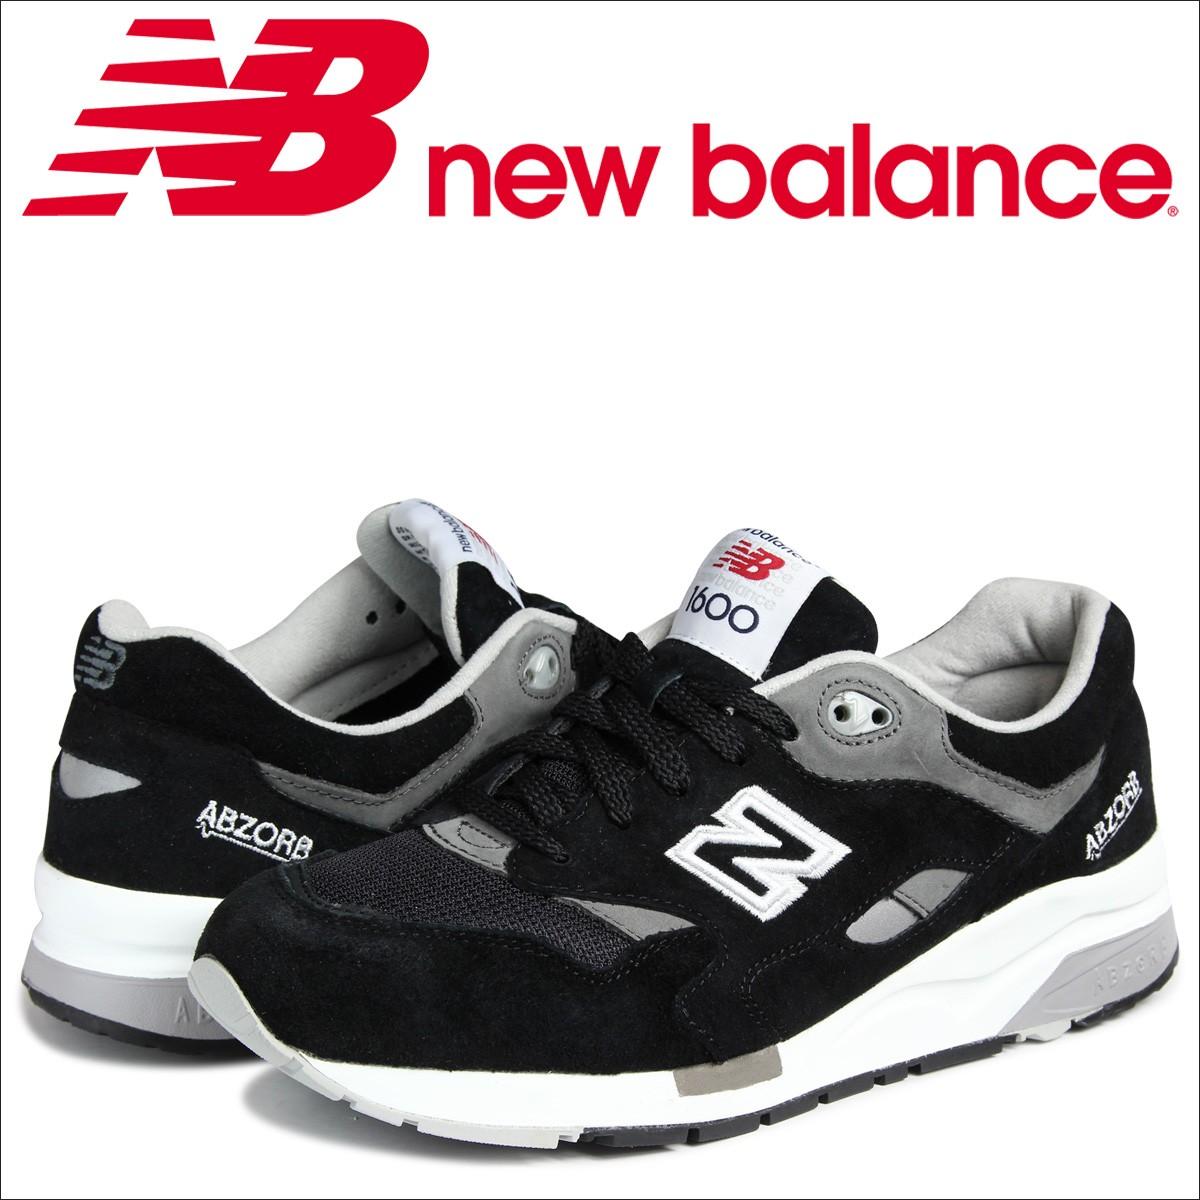 ニューバランス 1600 メンズ new balance スニーカー CM1600BK Dワイズ 靴 ブラック